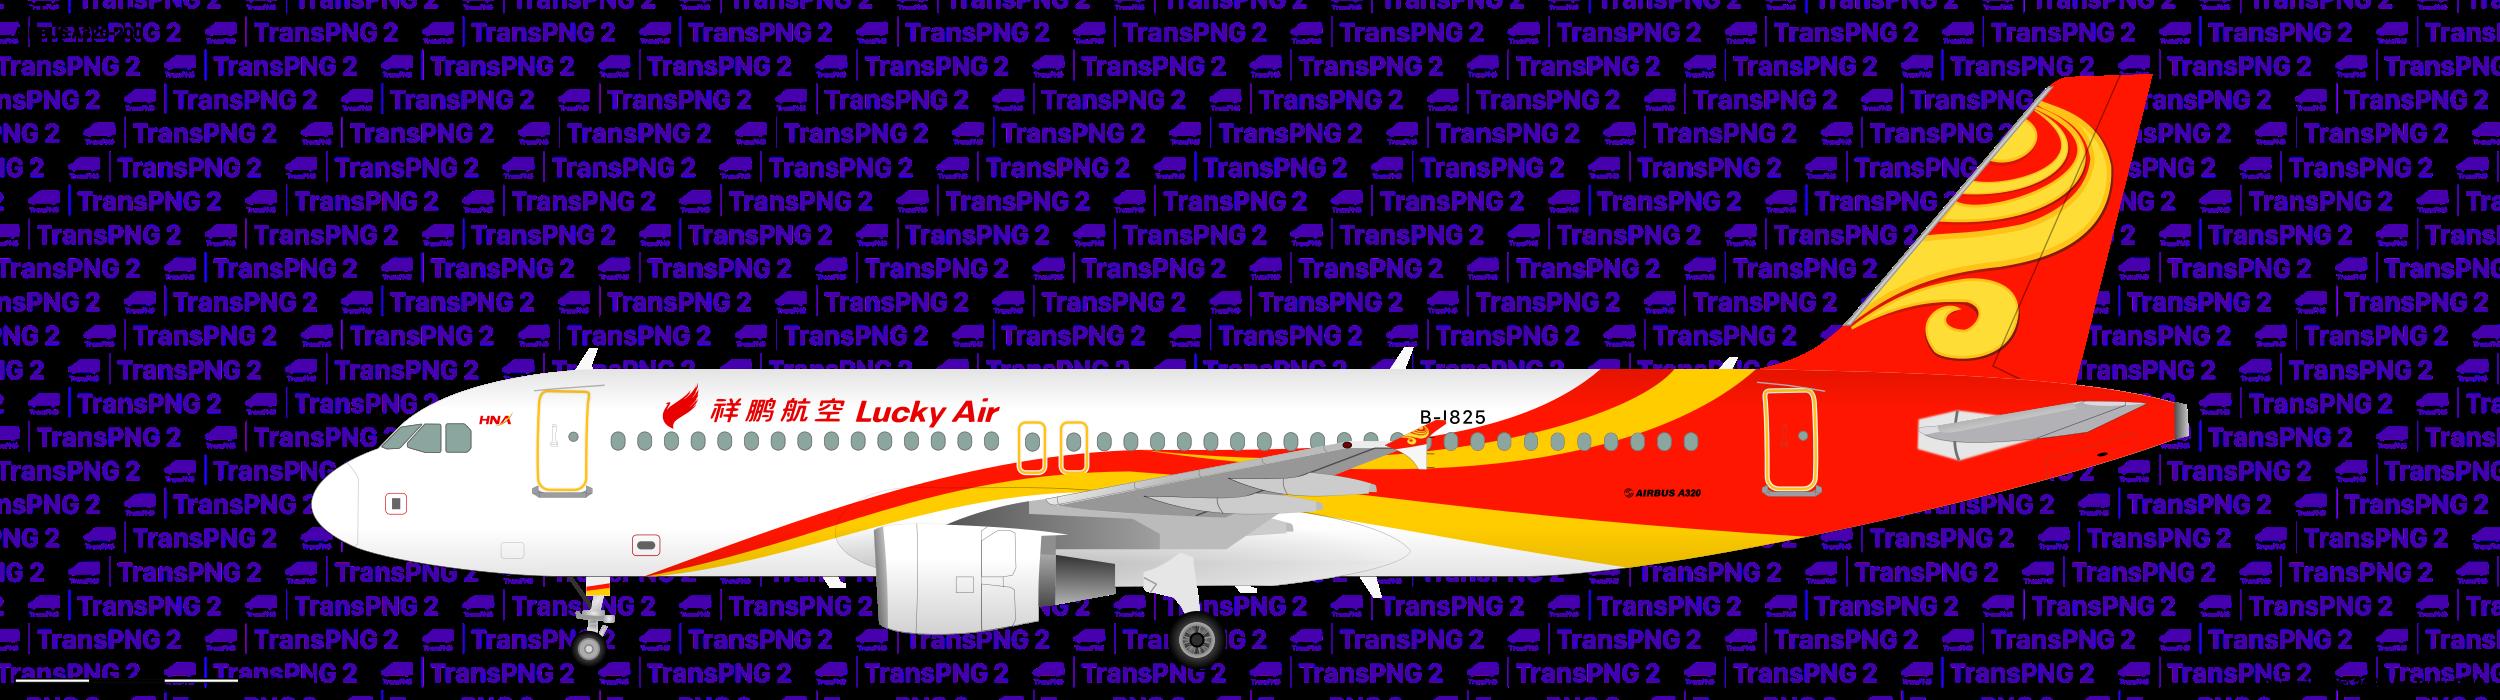 [25016] 雲南祥鵬航空 25016